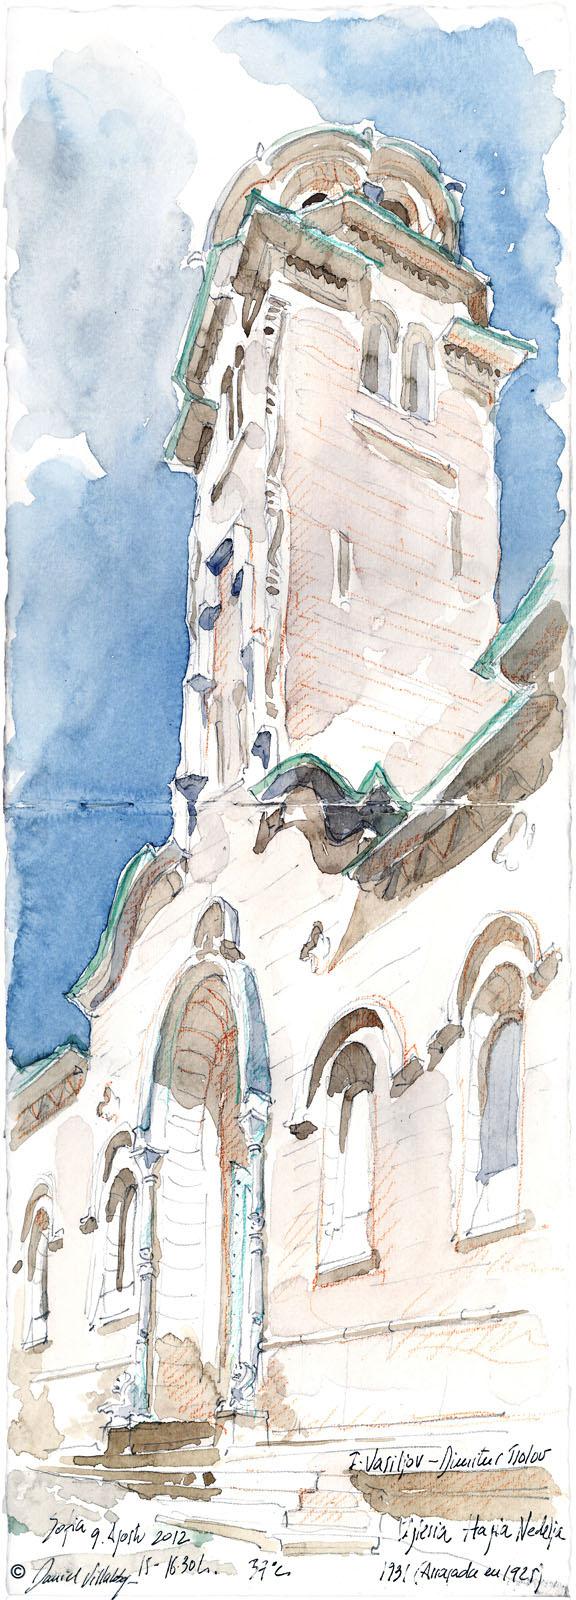 #danielvillalobos #sketch #sketchbook #skechtravel #bulgaria #sofia #hagianedelya